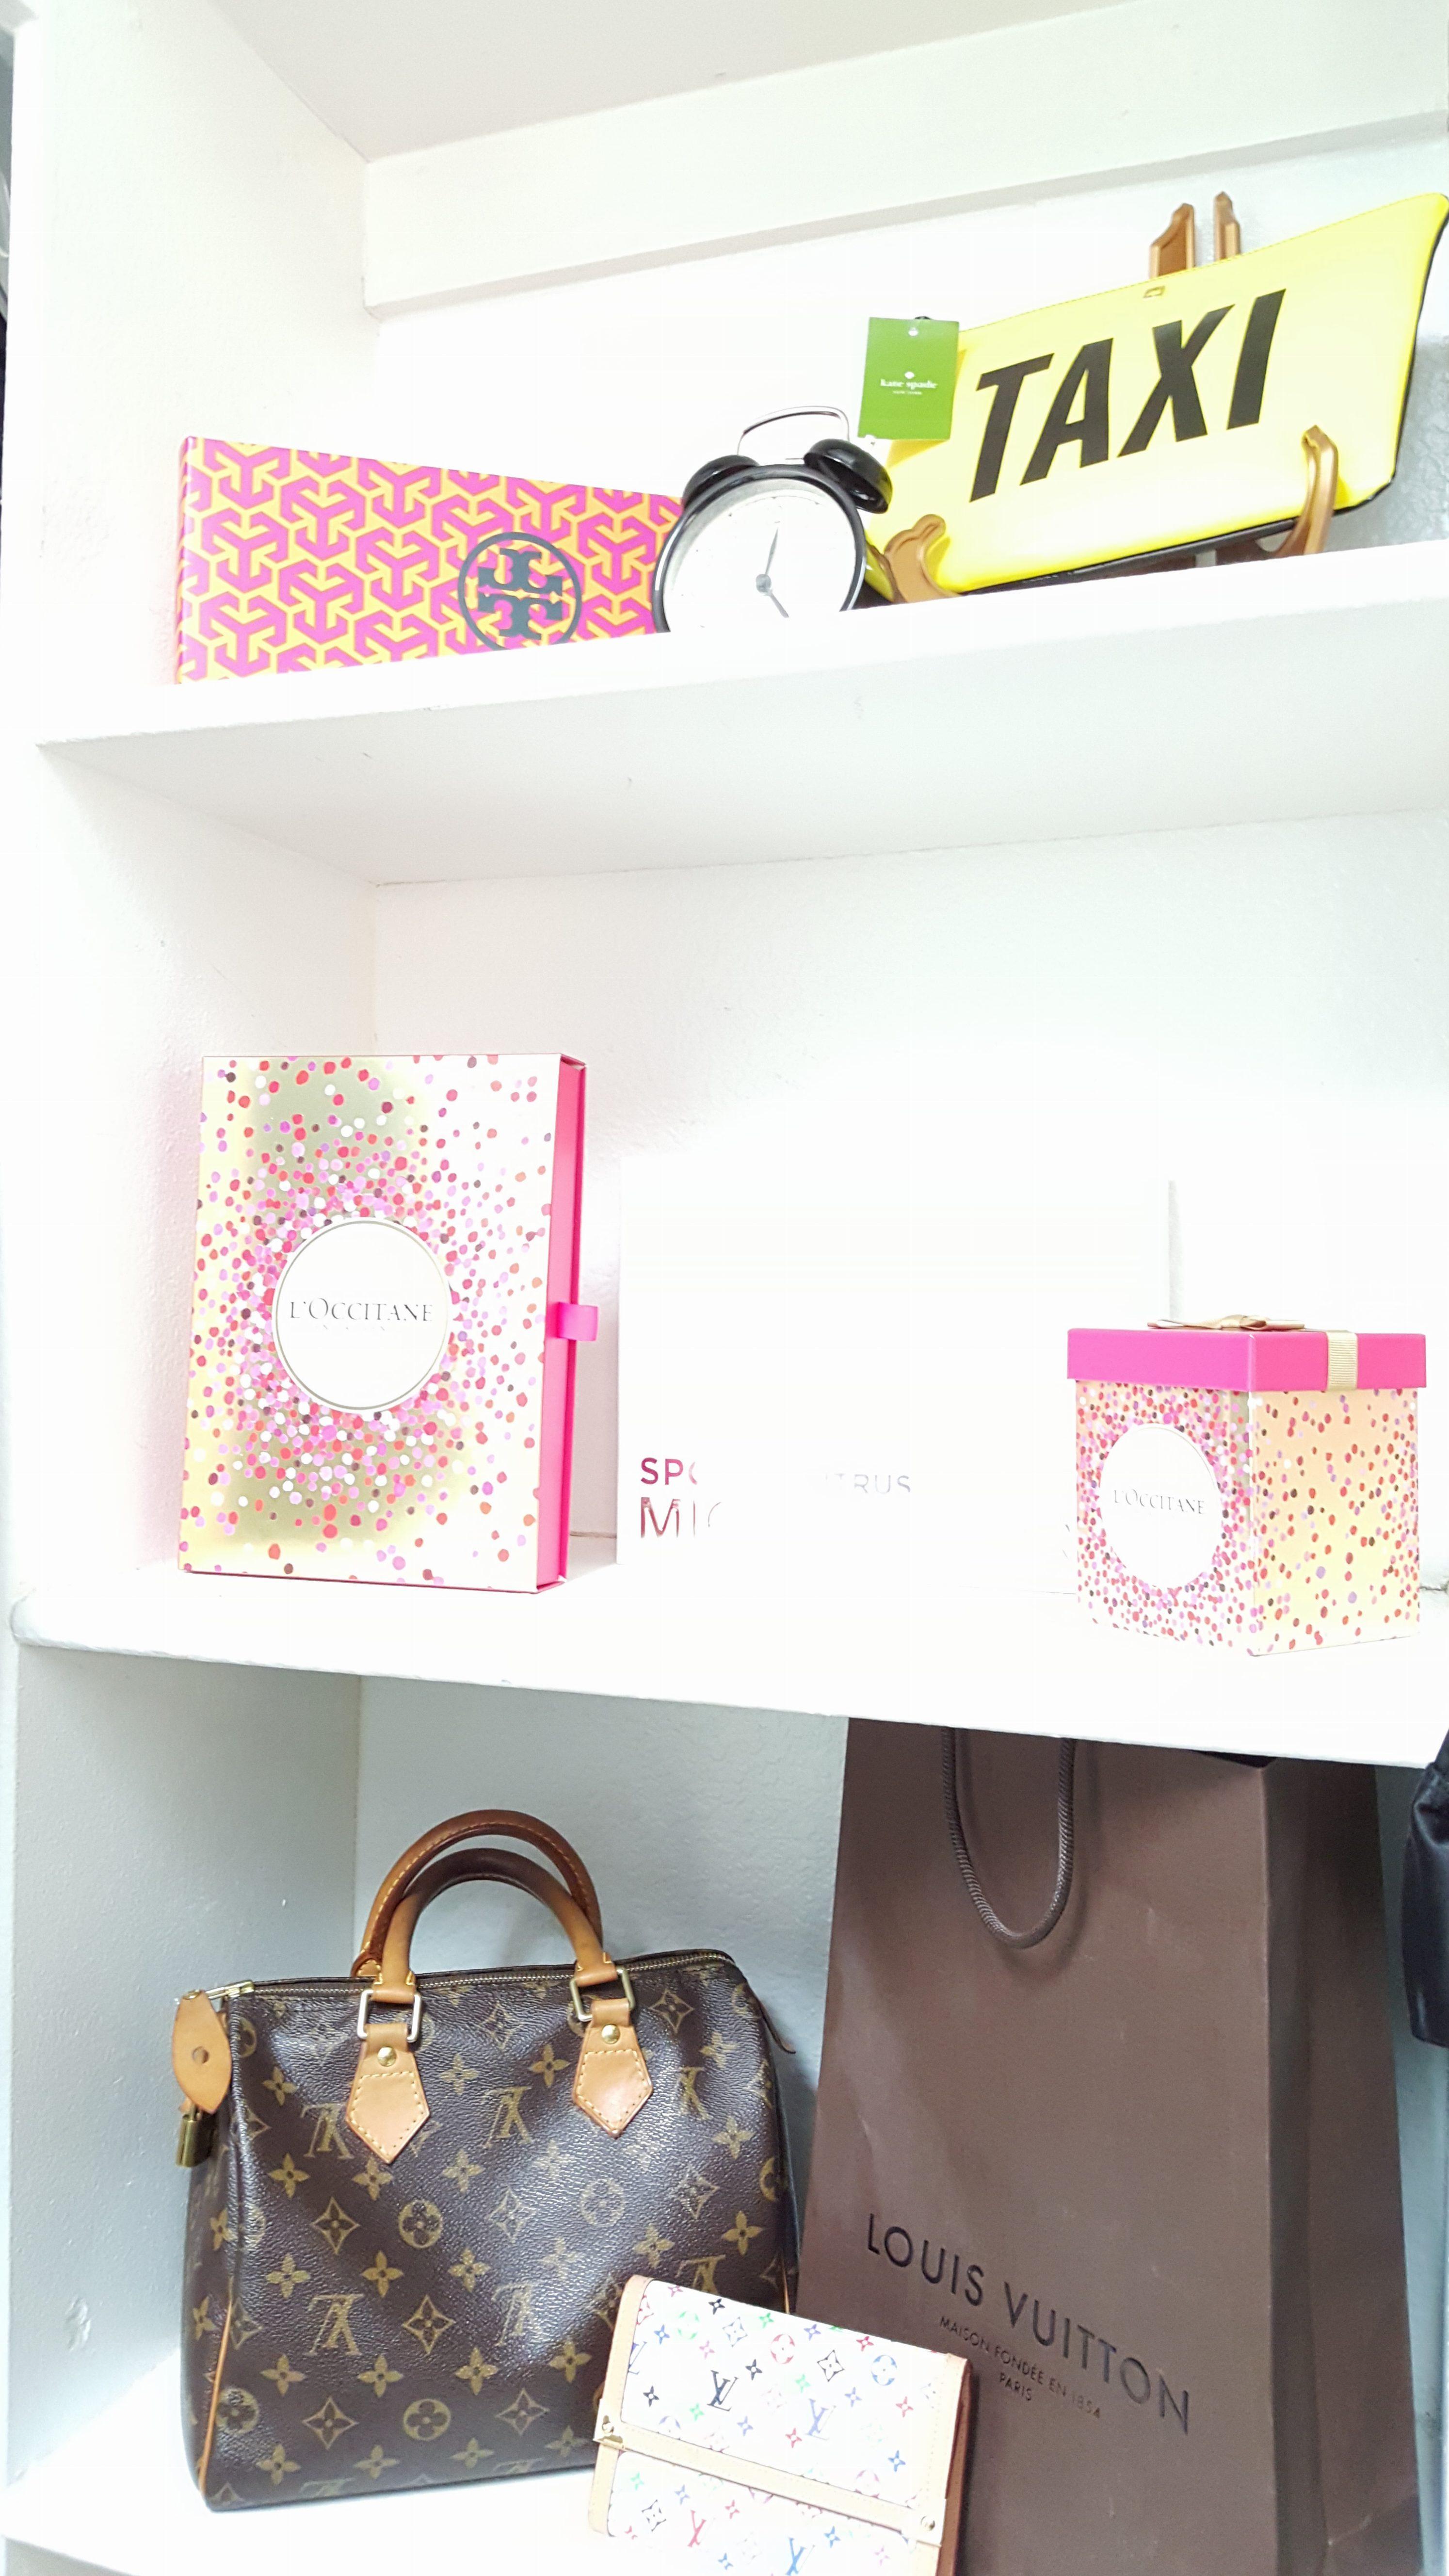 Clean shelves